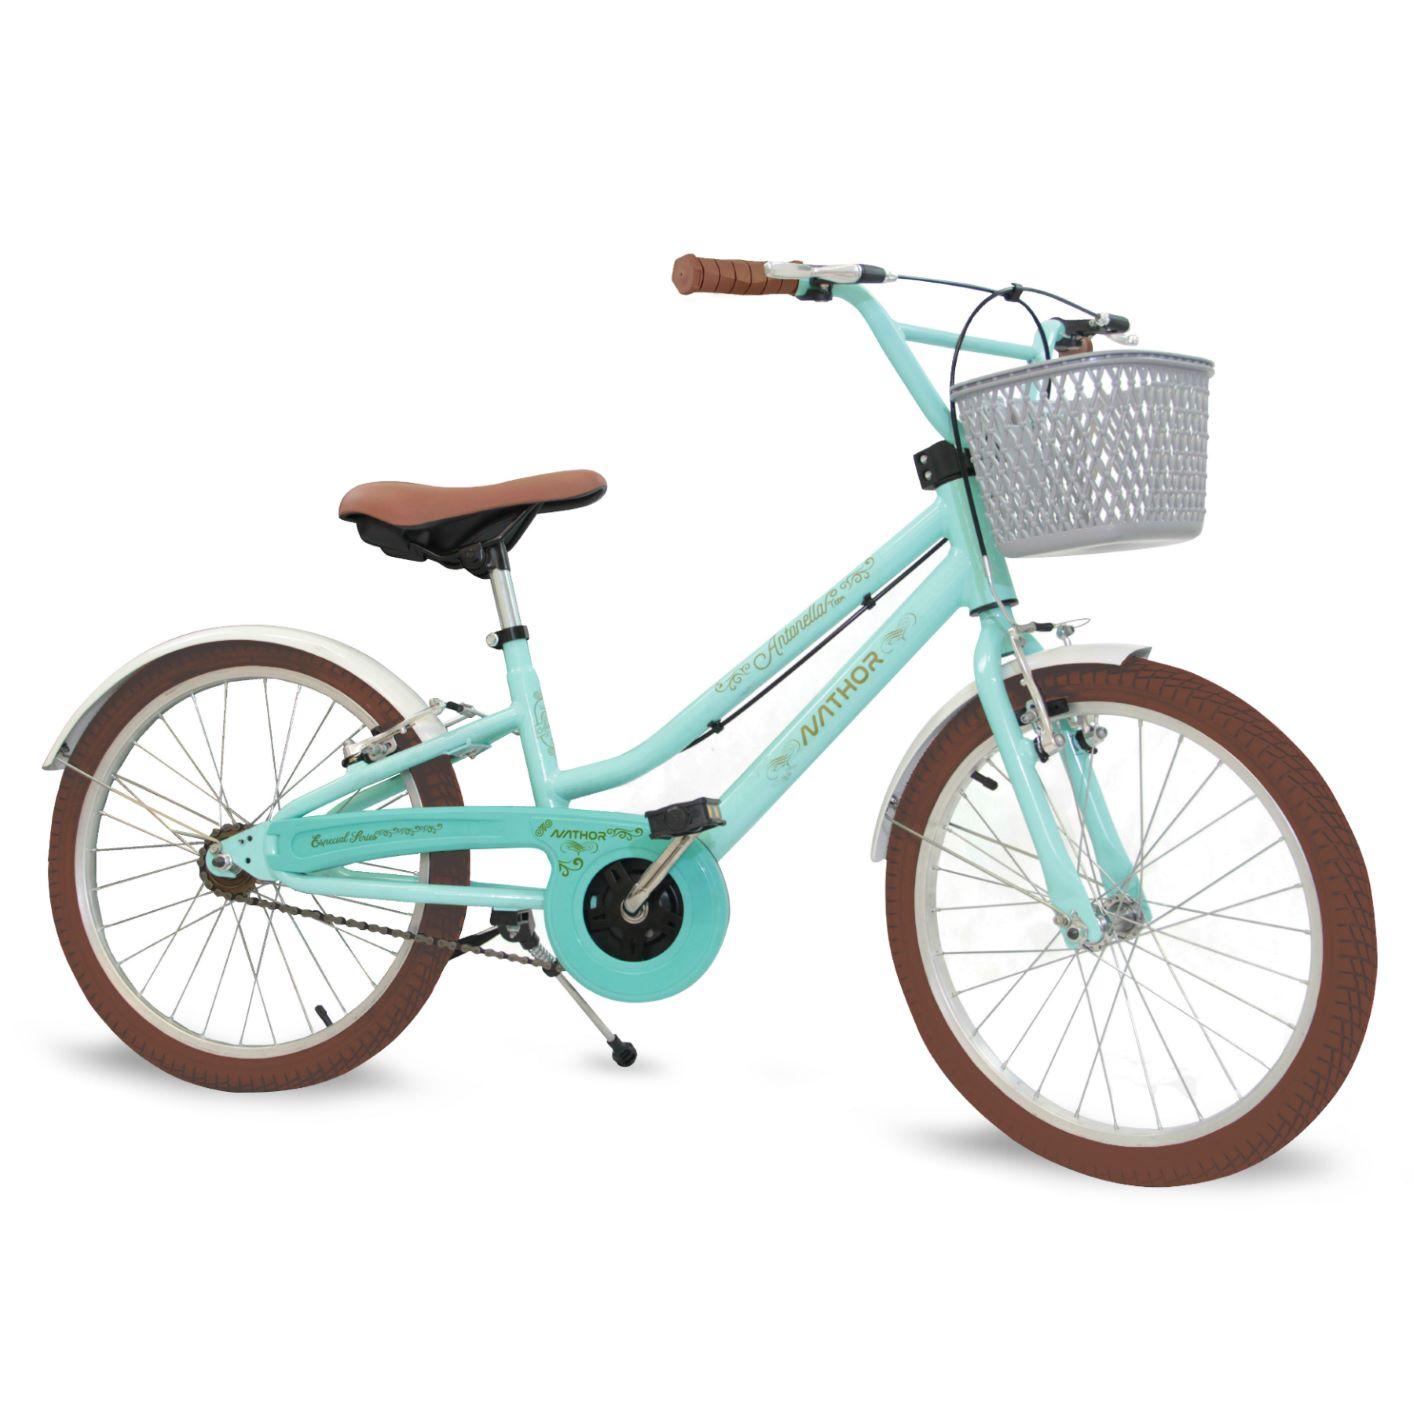 Bicicleta aro 20 Antonella Acqua Nathor